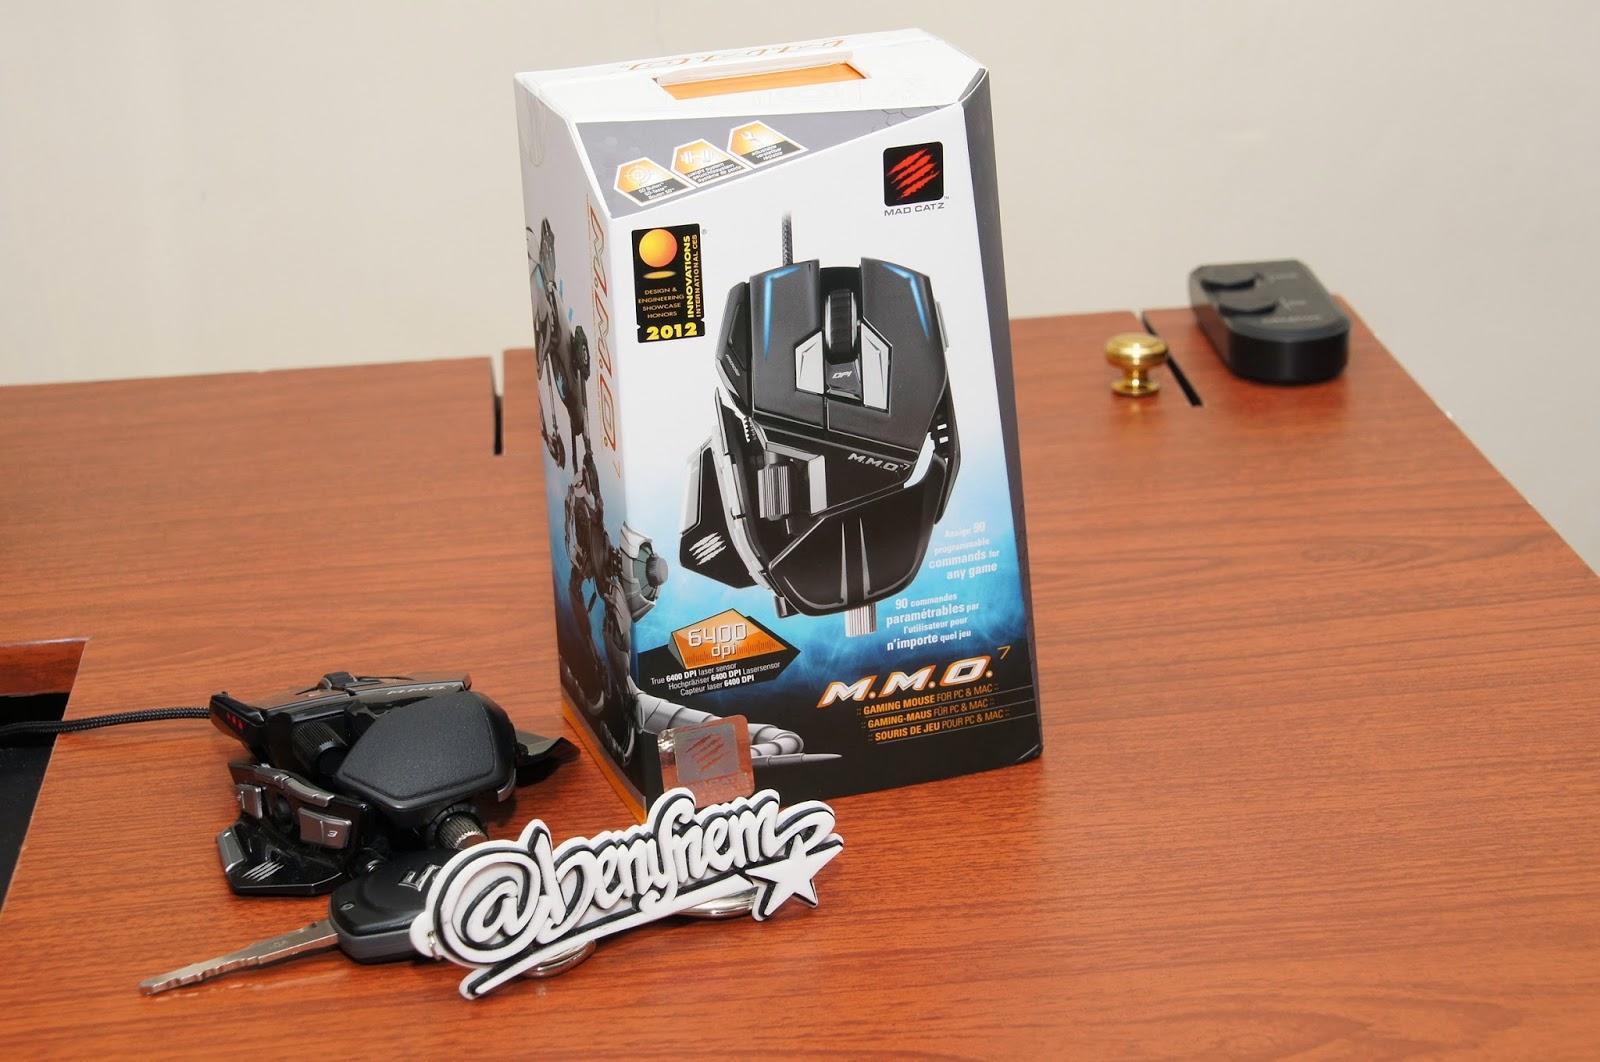 May 2015 Benklik Studio Madcatz Rat9 Wireless Gaming Mouse Putih Logam Pemberat Umum Ditemukan Pada Mahal